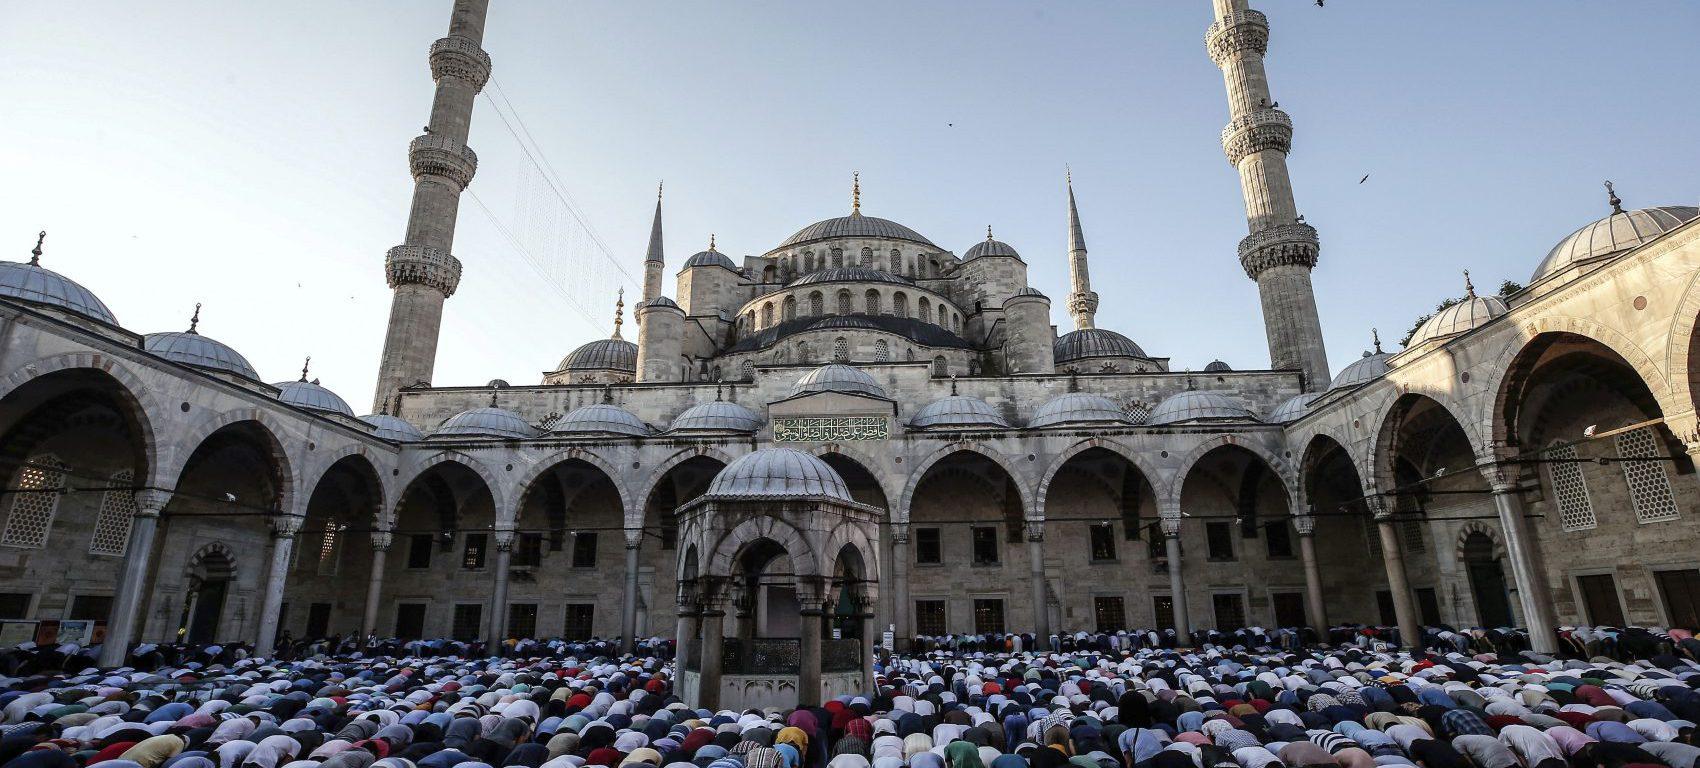 Prophétie de Mohammed et Bible falsifiée : une prétention pseudo-scientifique